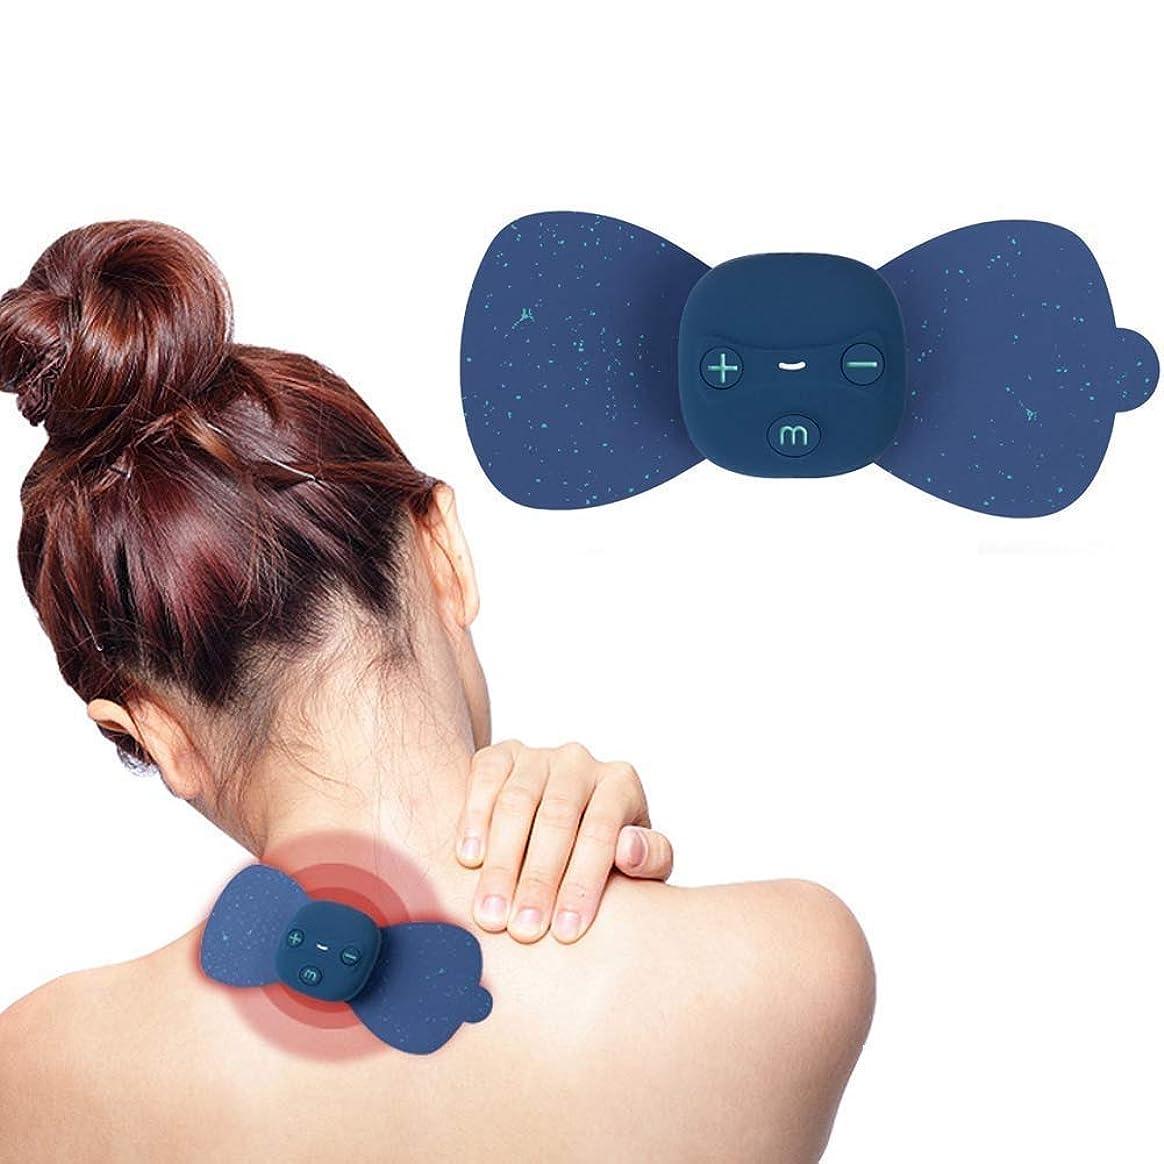 フルートキャンパス起きてマッサージステッカー EMSマッサージテンマシンセラピーデバイス、ワイヤレステンユニット - 電極パッドデバイス - 電気刺激マシン - EMS痛み緩和療法神経刺激用筋肉